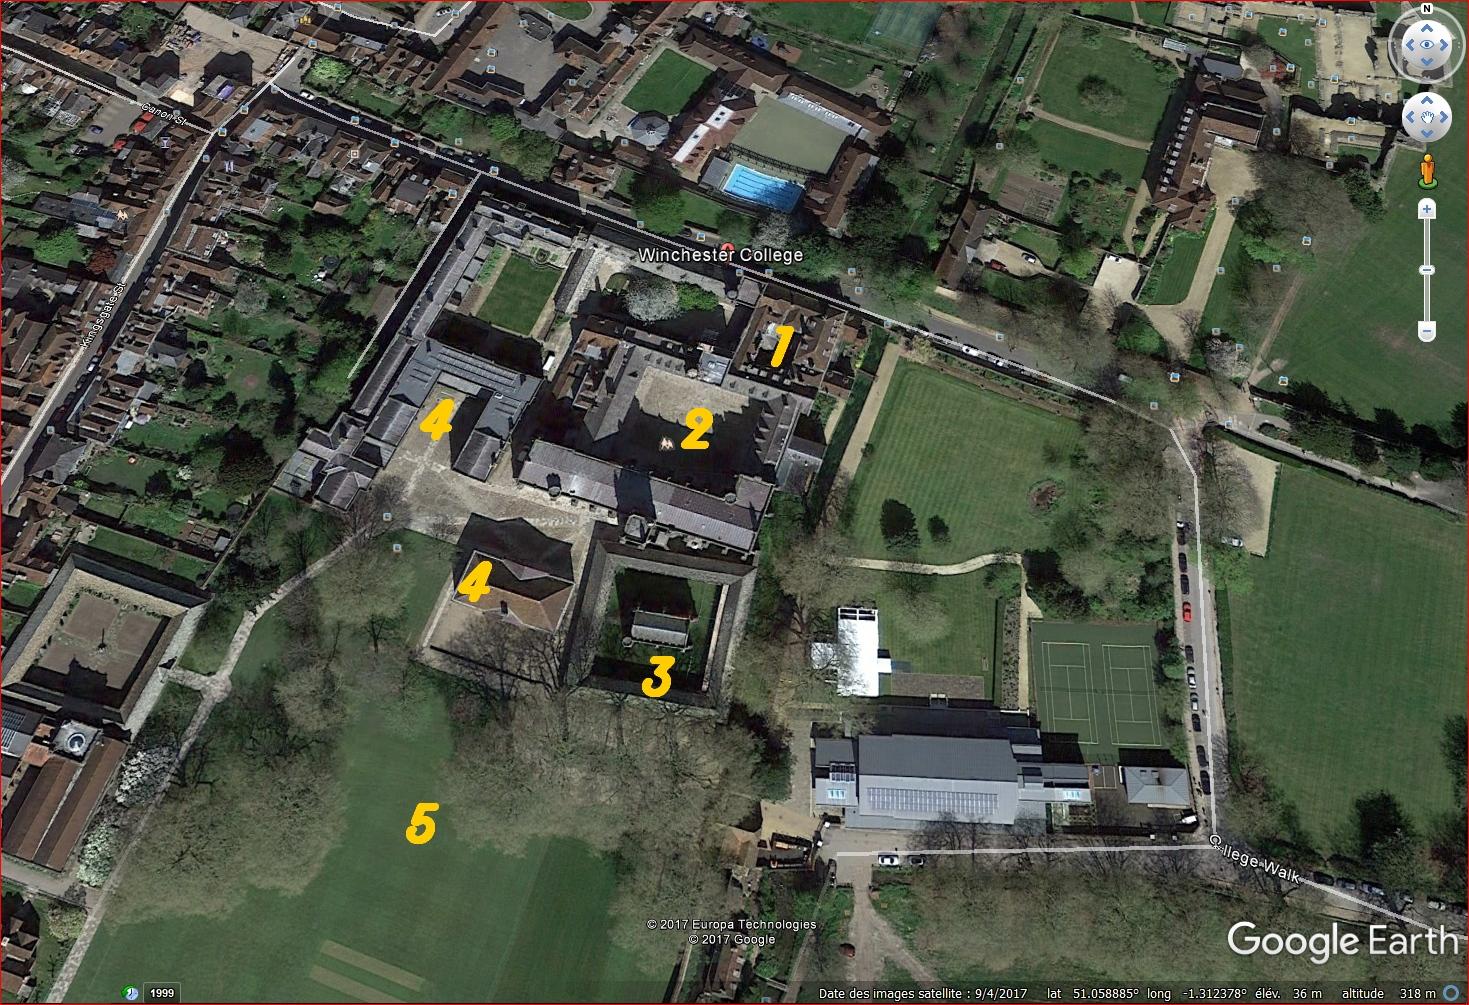 WINCHESTER College. Vue aérienne Google. 1) Bâtiments et cour d'entrée / 2) Chamber court. / 3)Fromond's Chantry / 4) Salles de classes / 5) parc.